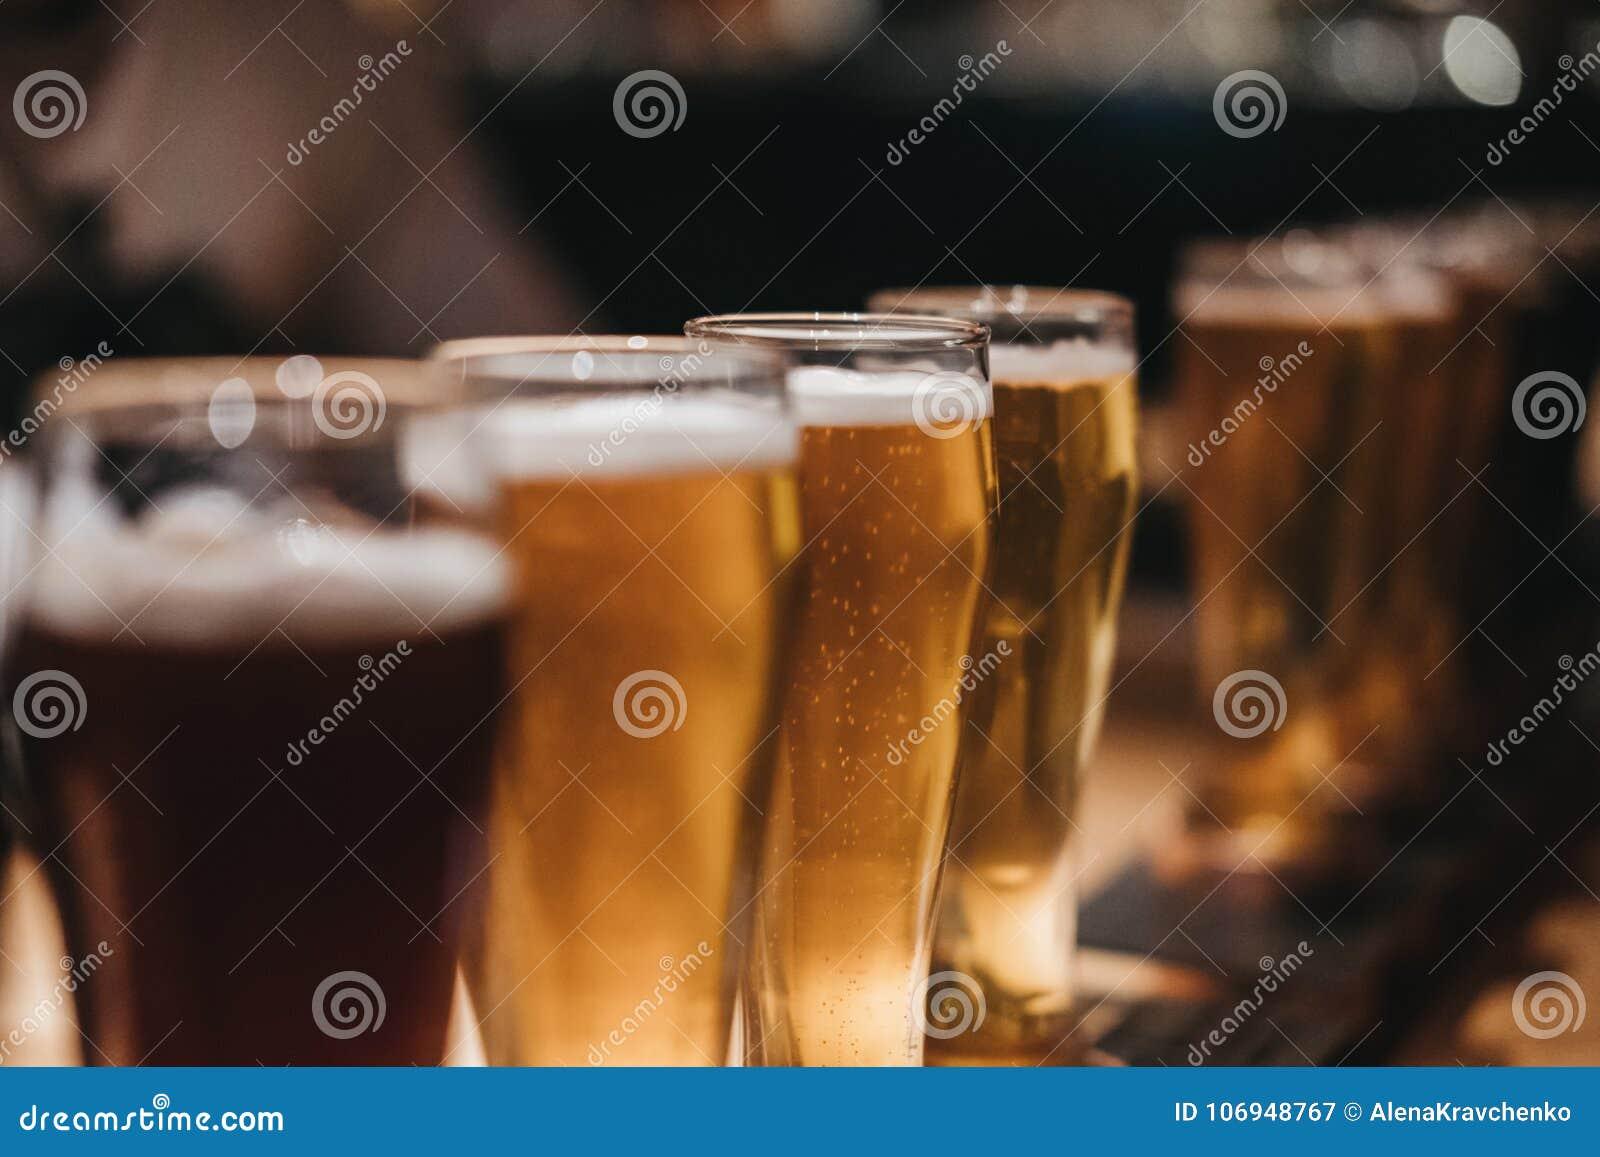 Fermez-vous d un support de différents genres de bières, foncés pour s allumer, sur une table